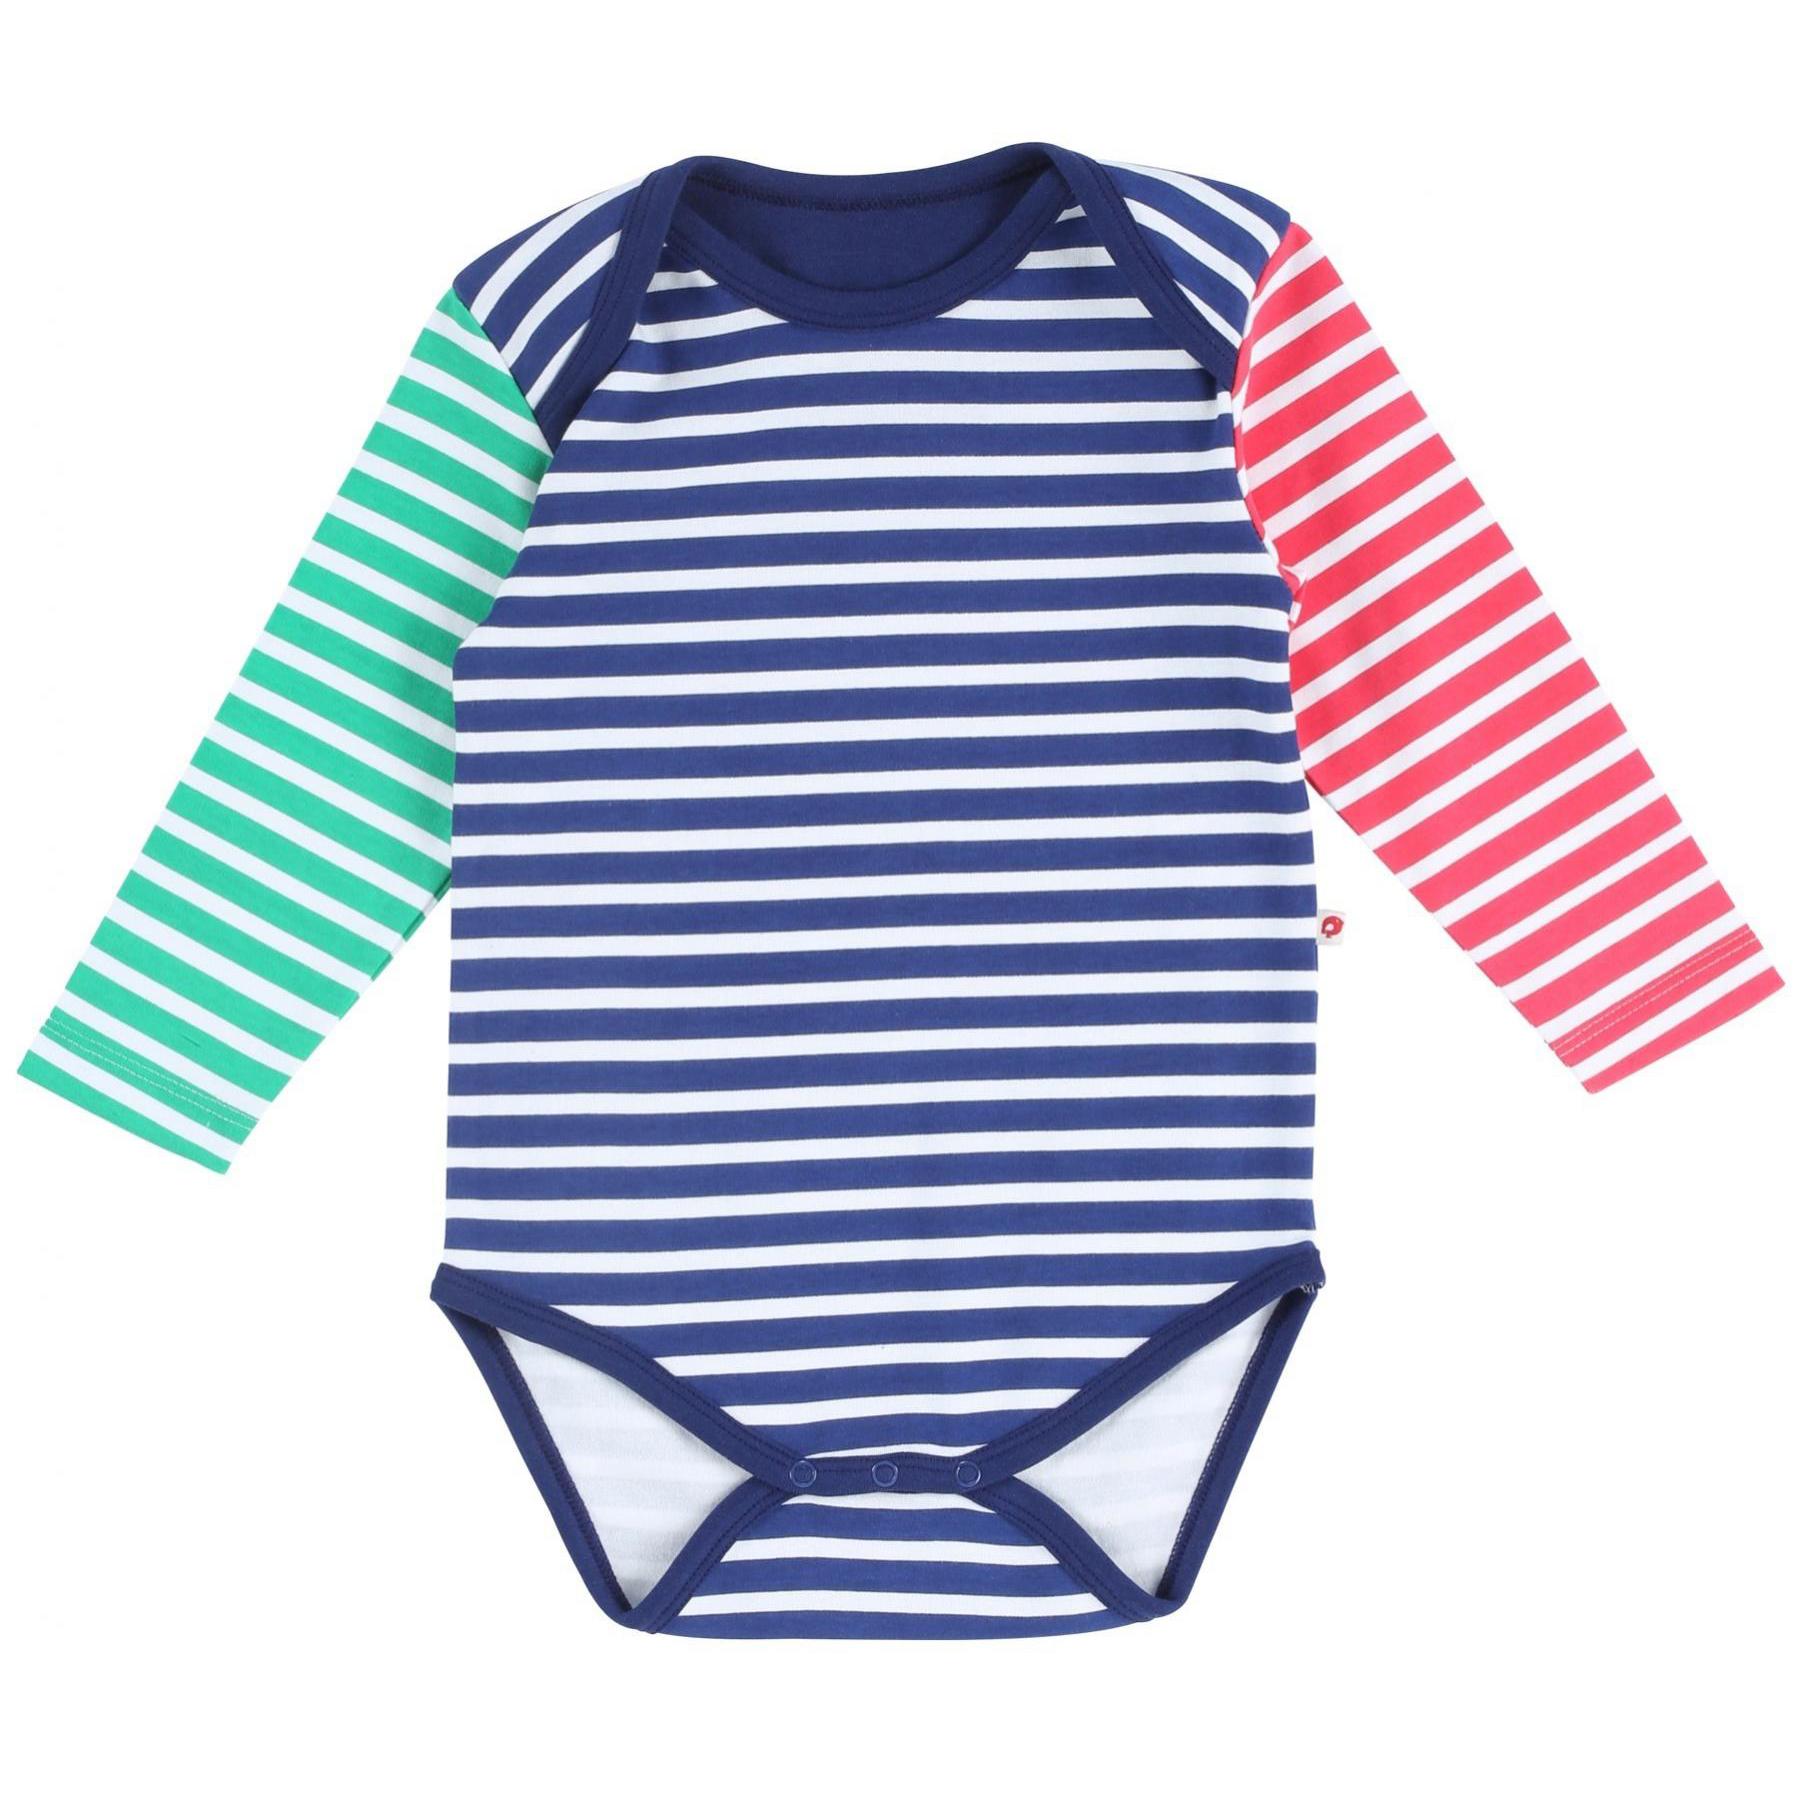 28813e6b324 Merino Wool Baby Tights.Baby Wrap And Beanie Set Merino Wool Baby ...